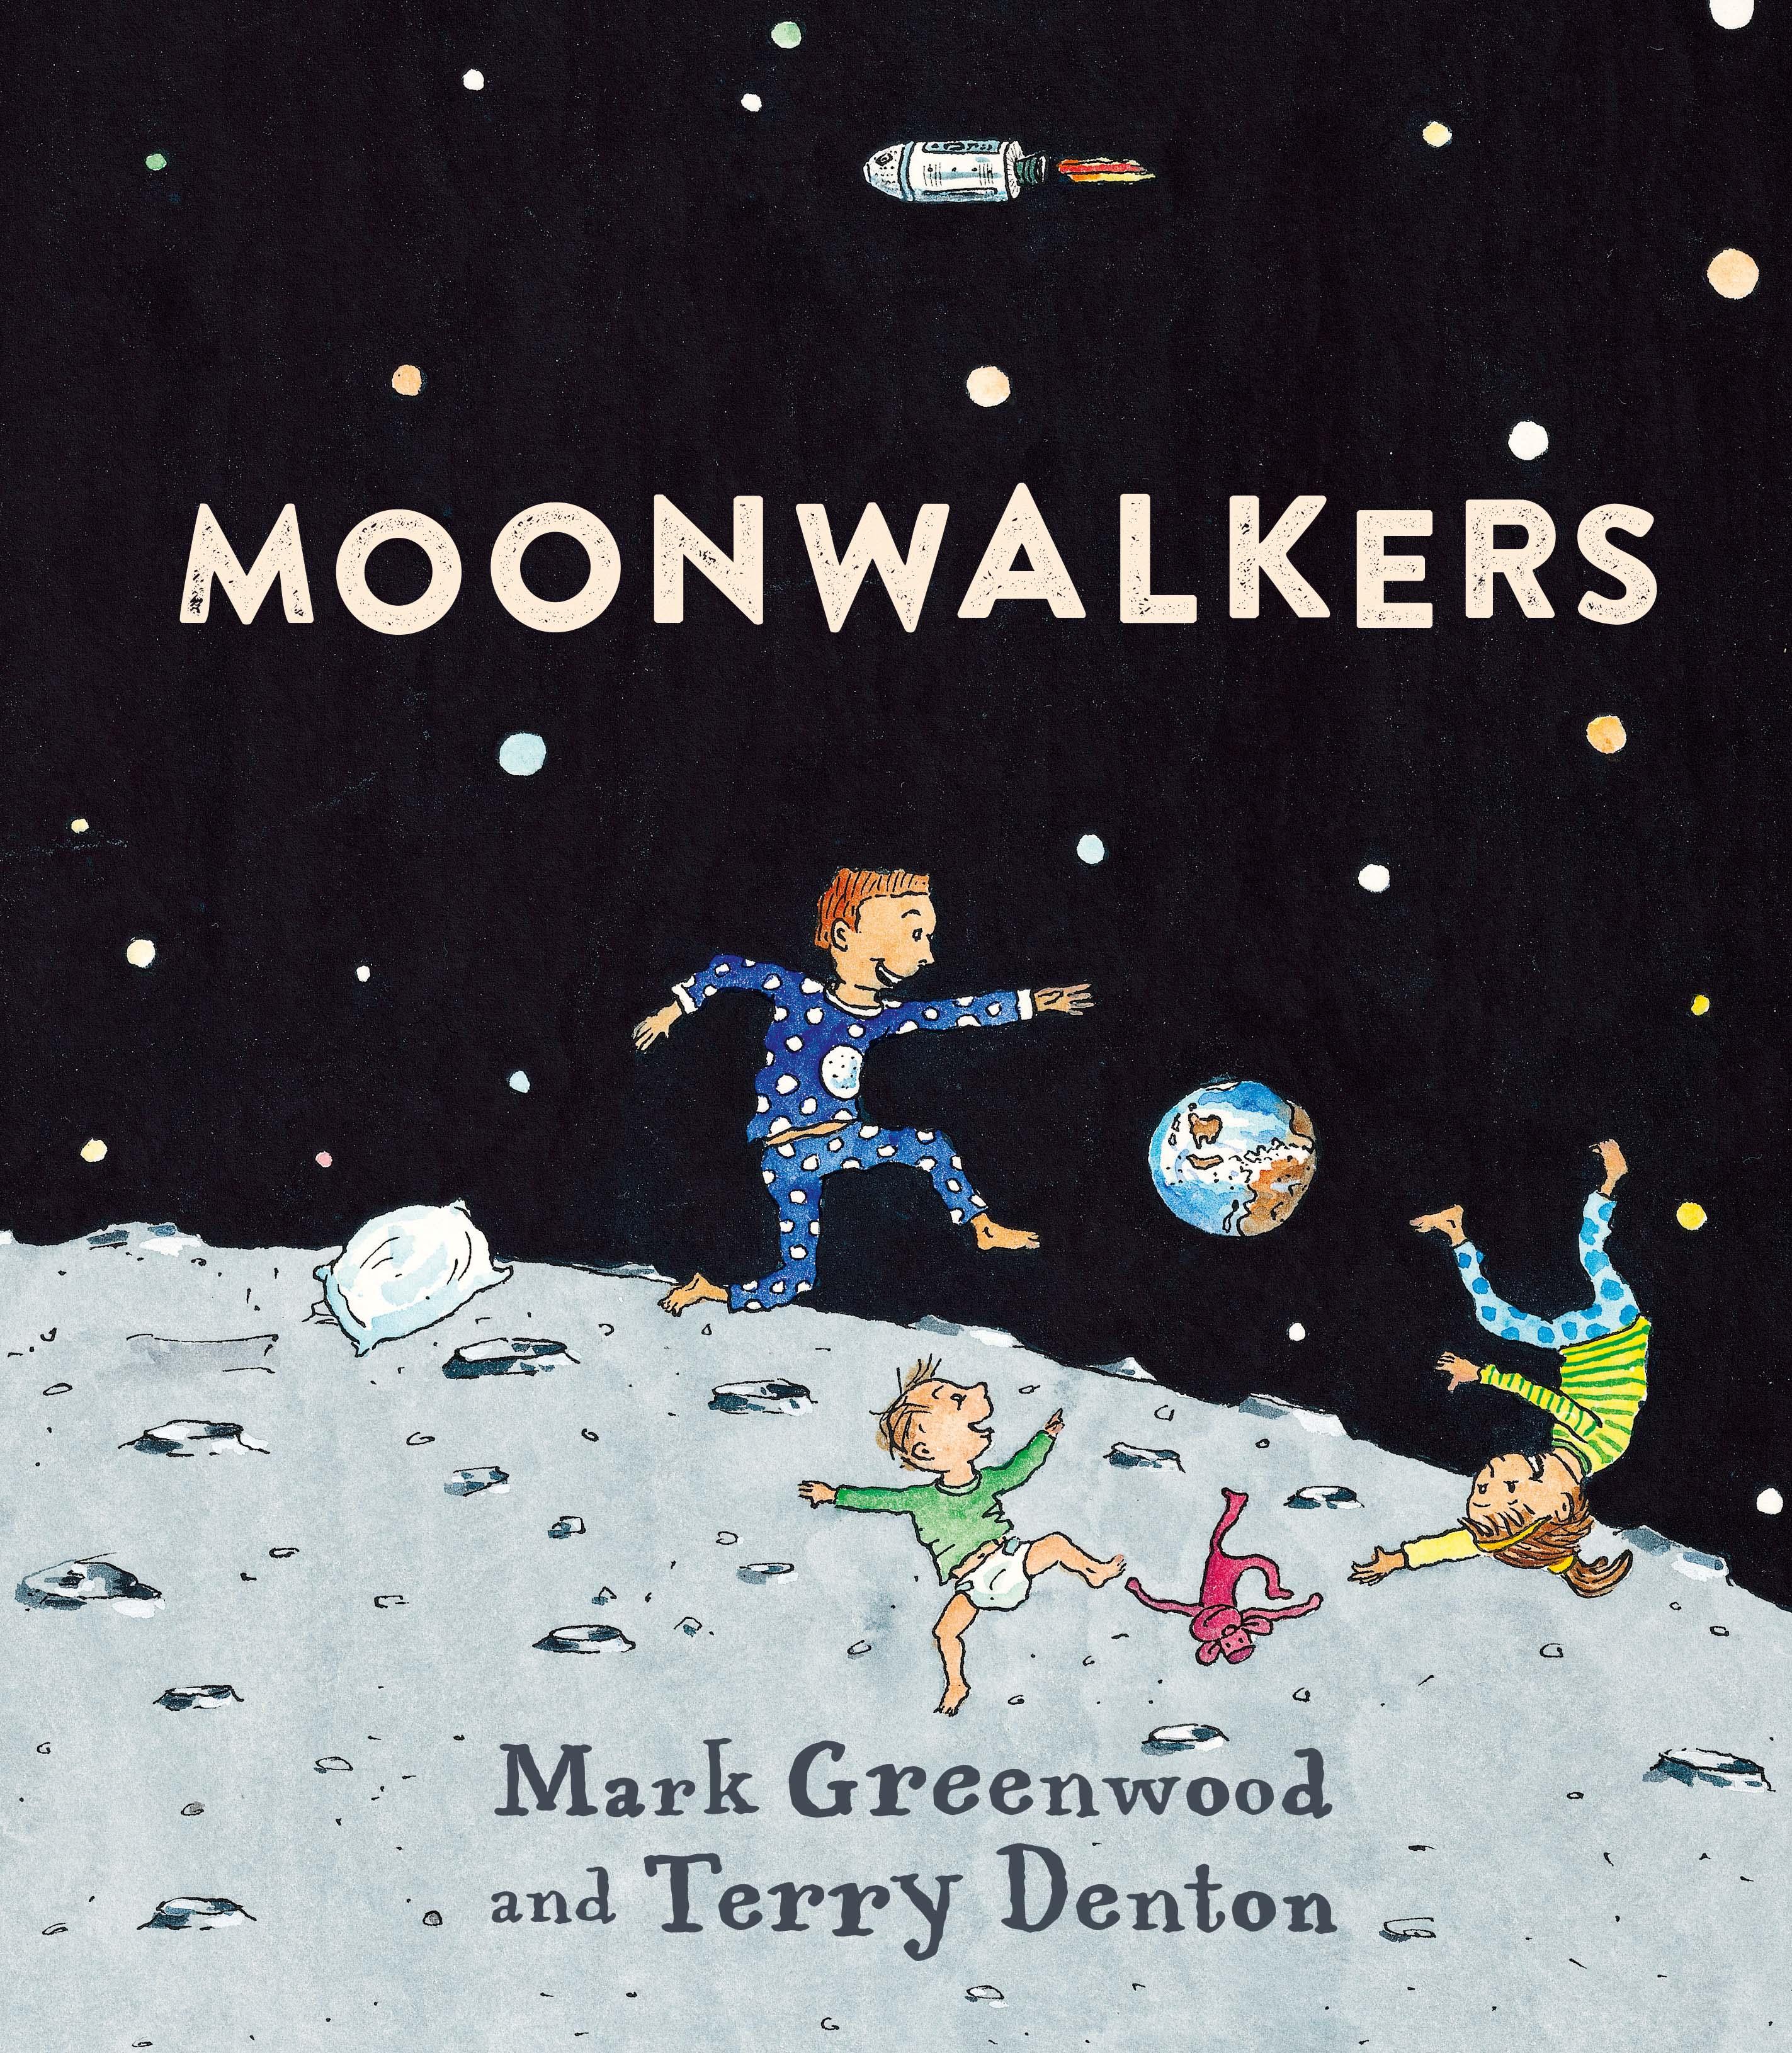 Moonwalkers cover image